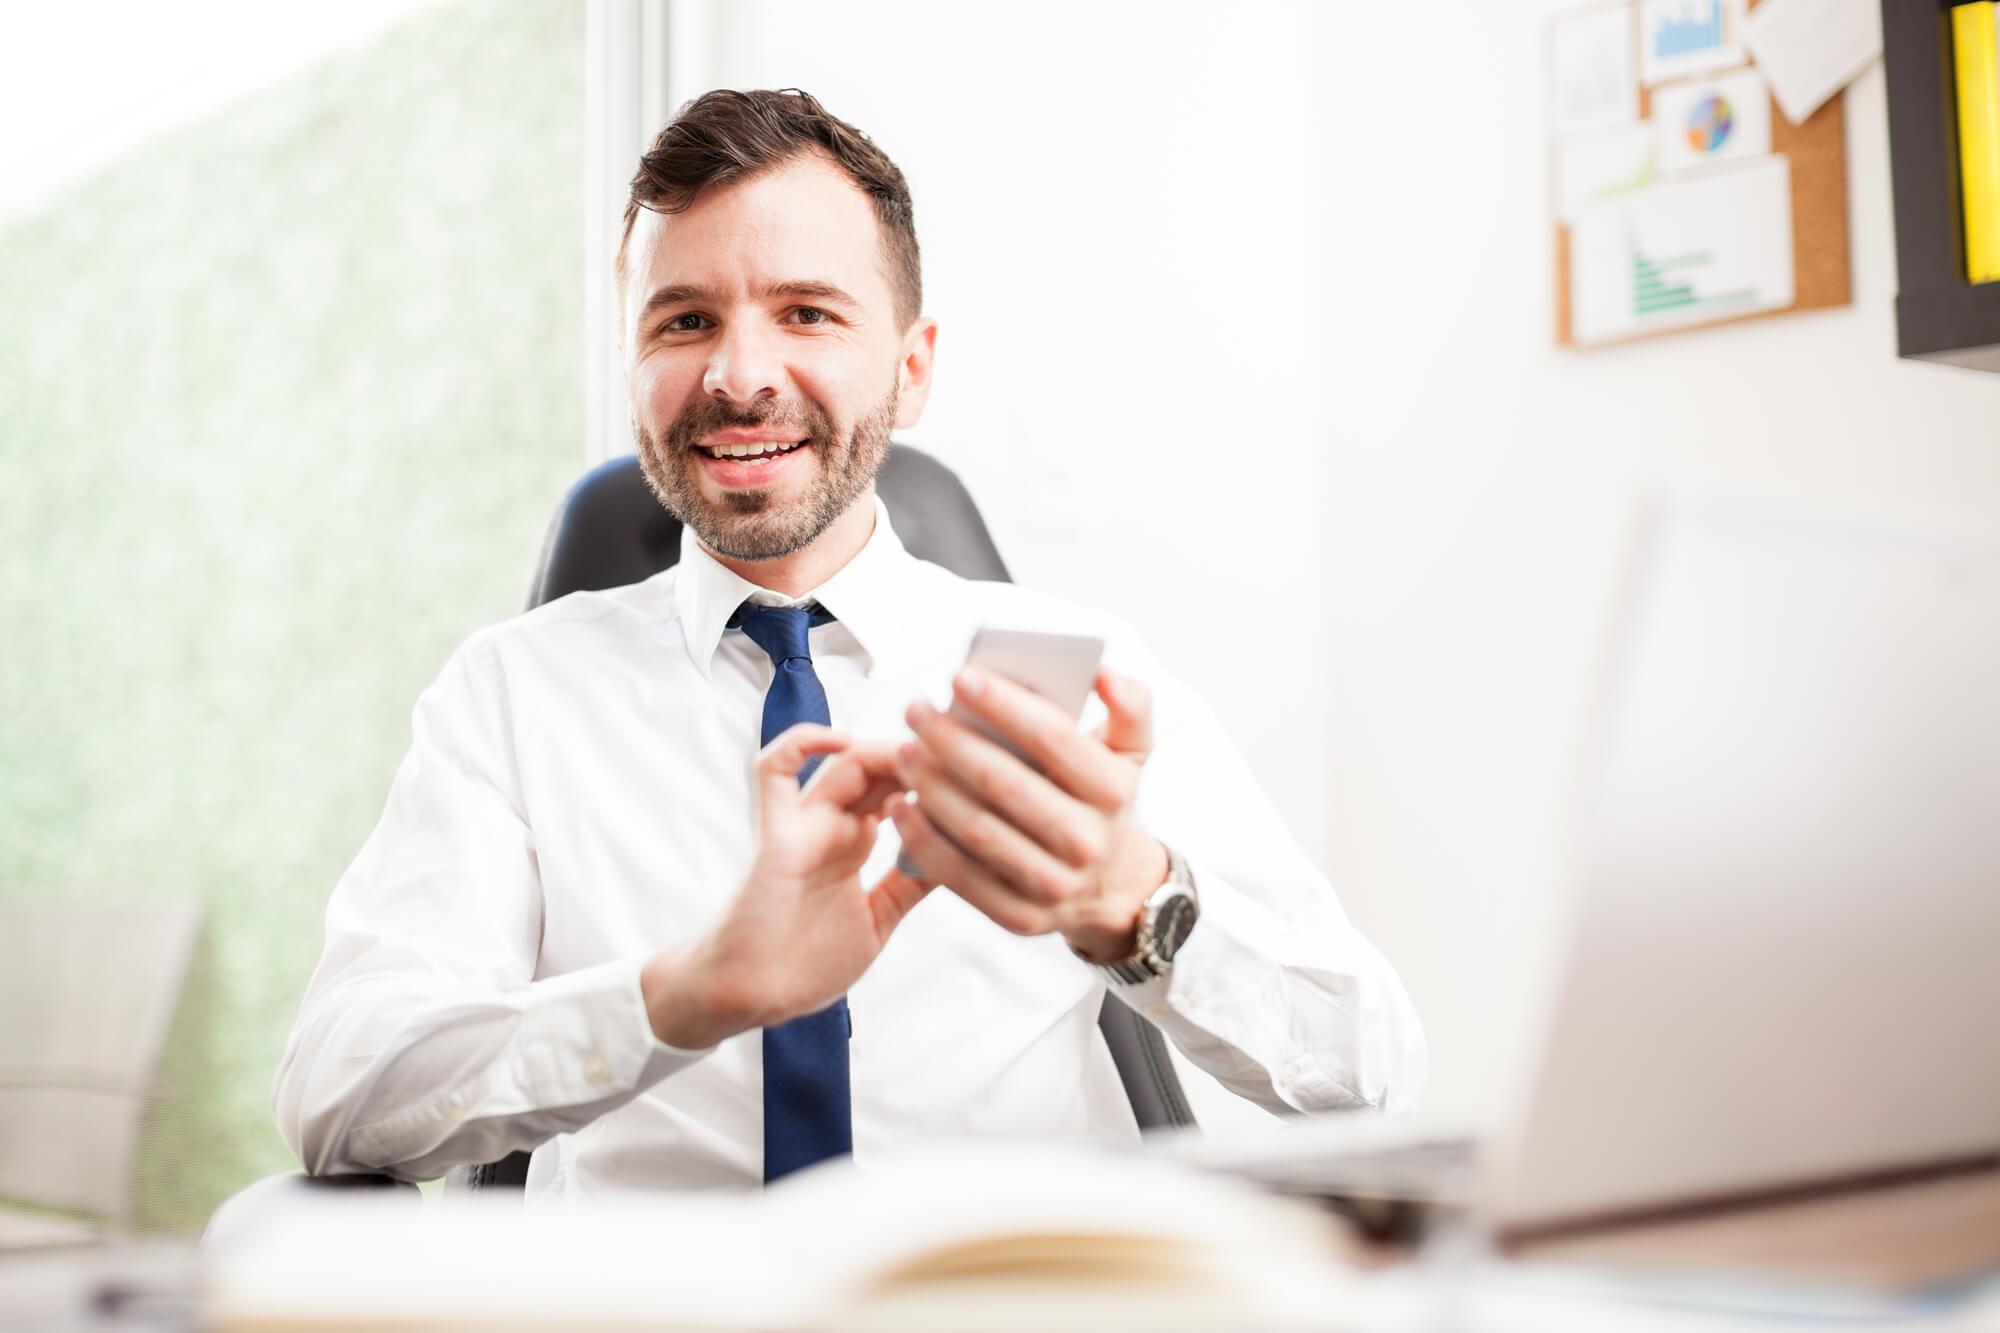 Estratégias de marketing odontológico essenciais para o consultório